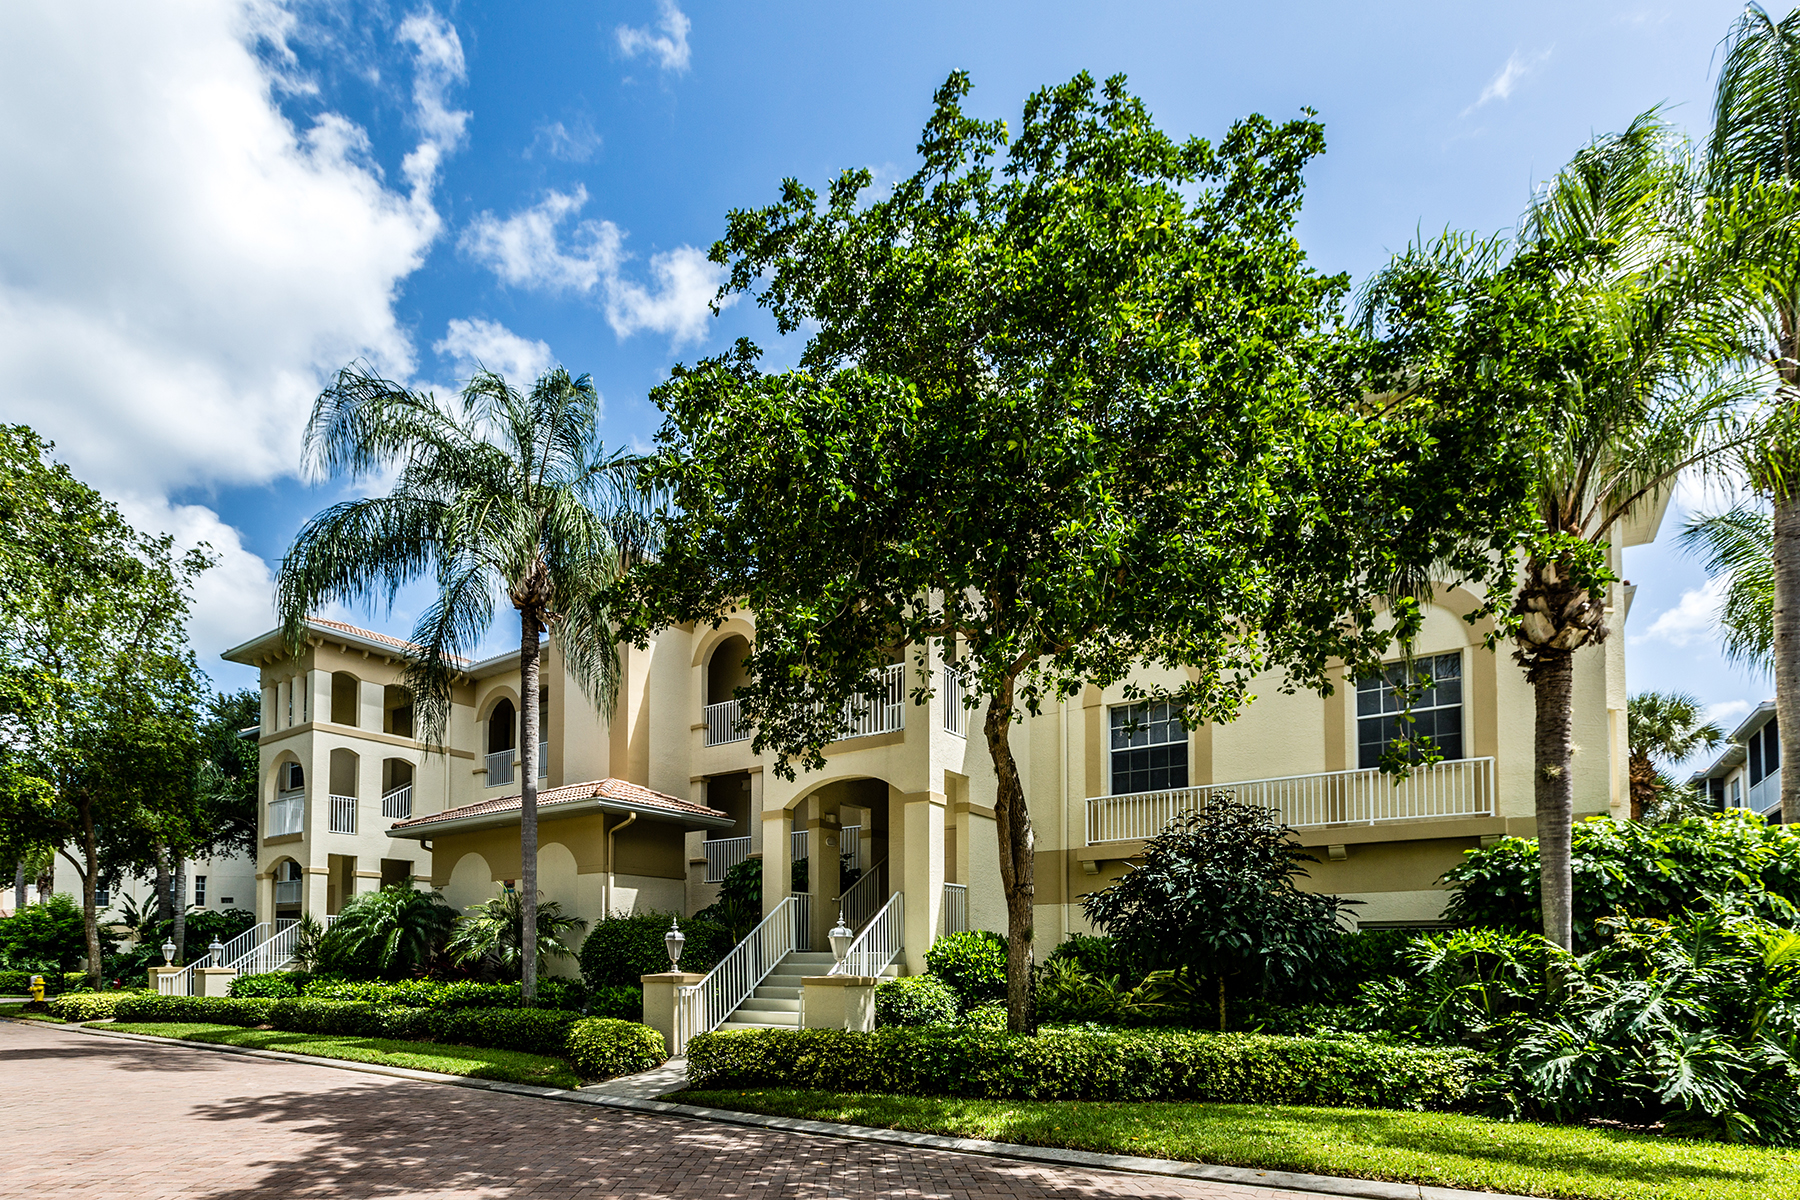 共管式独立产权公寓 为 销售 在 PELICAN BAY - BREAKWATER 835 Bentwater Cir 102 那不勒斯, 佛罗里达州, 34108 美国